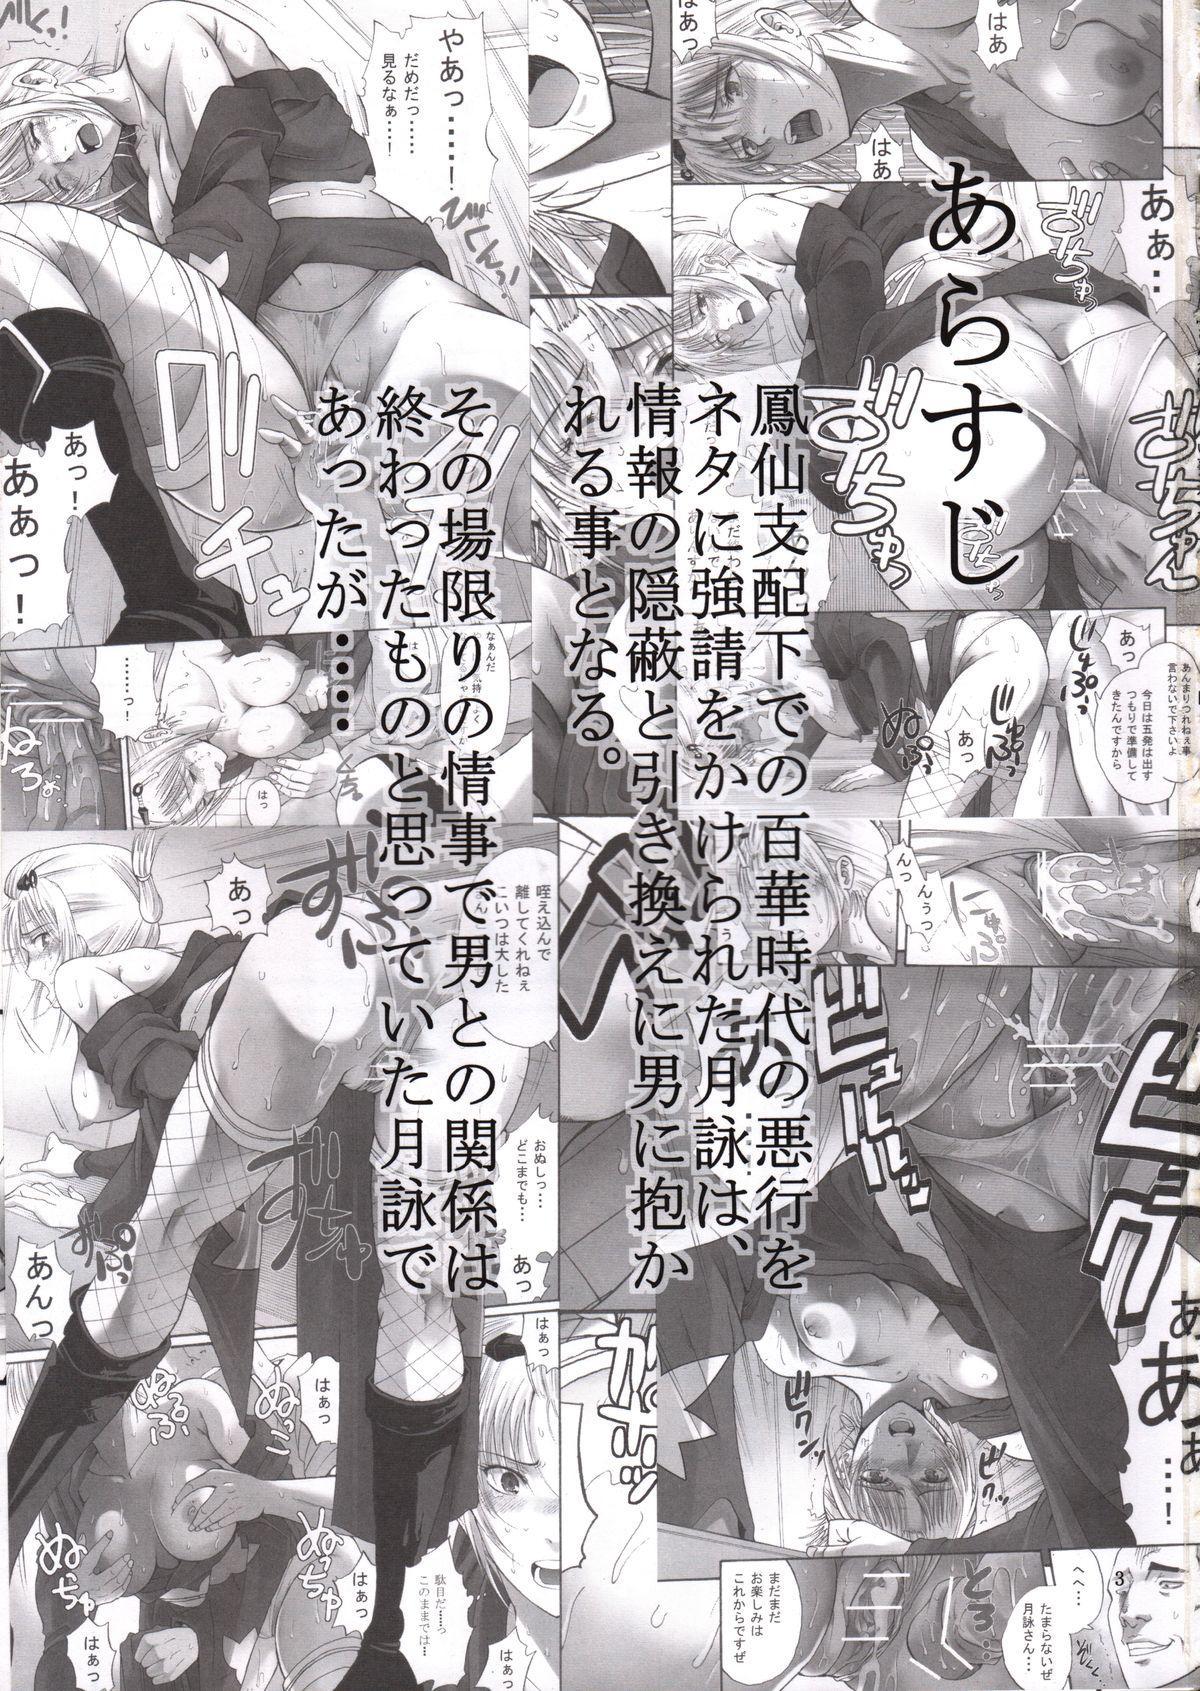 Tsukuyo-san ga Iyarashii Koto o Sarete shimau Hanashi 2 1